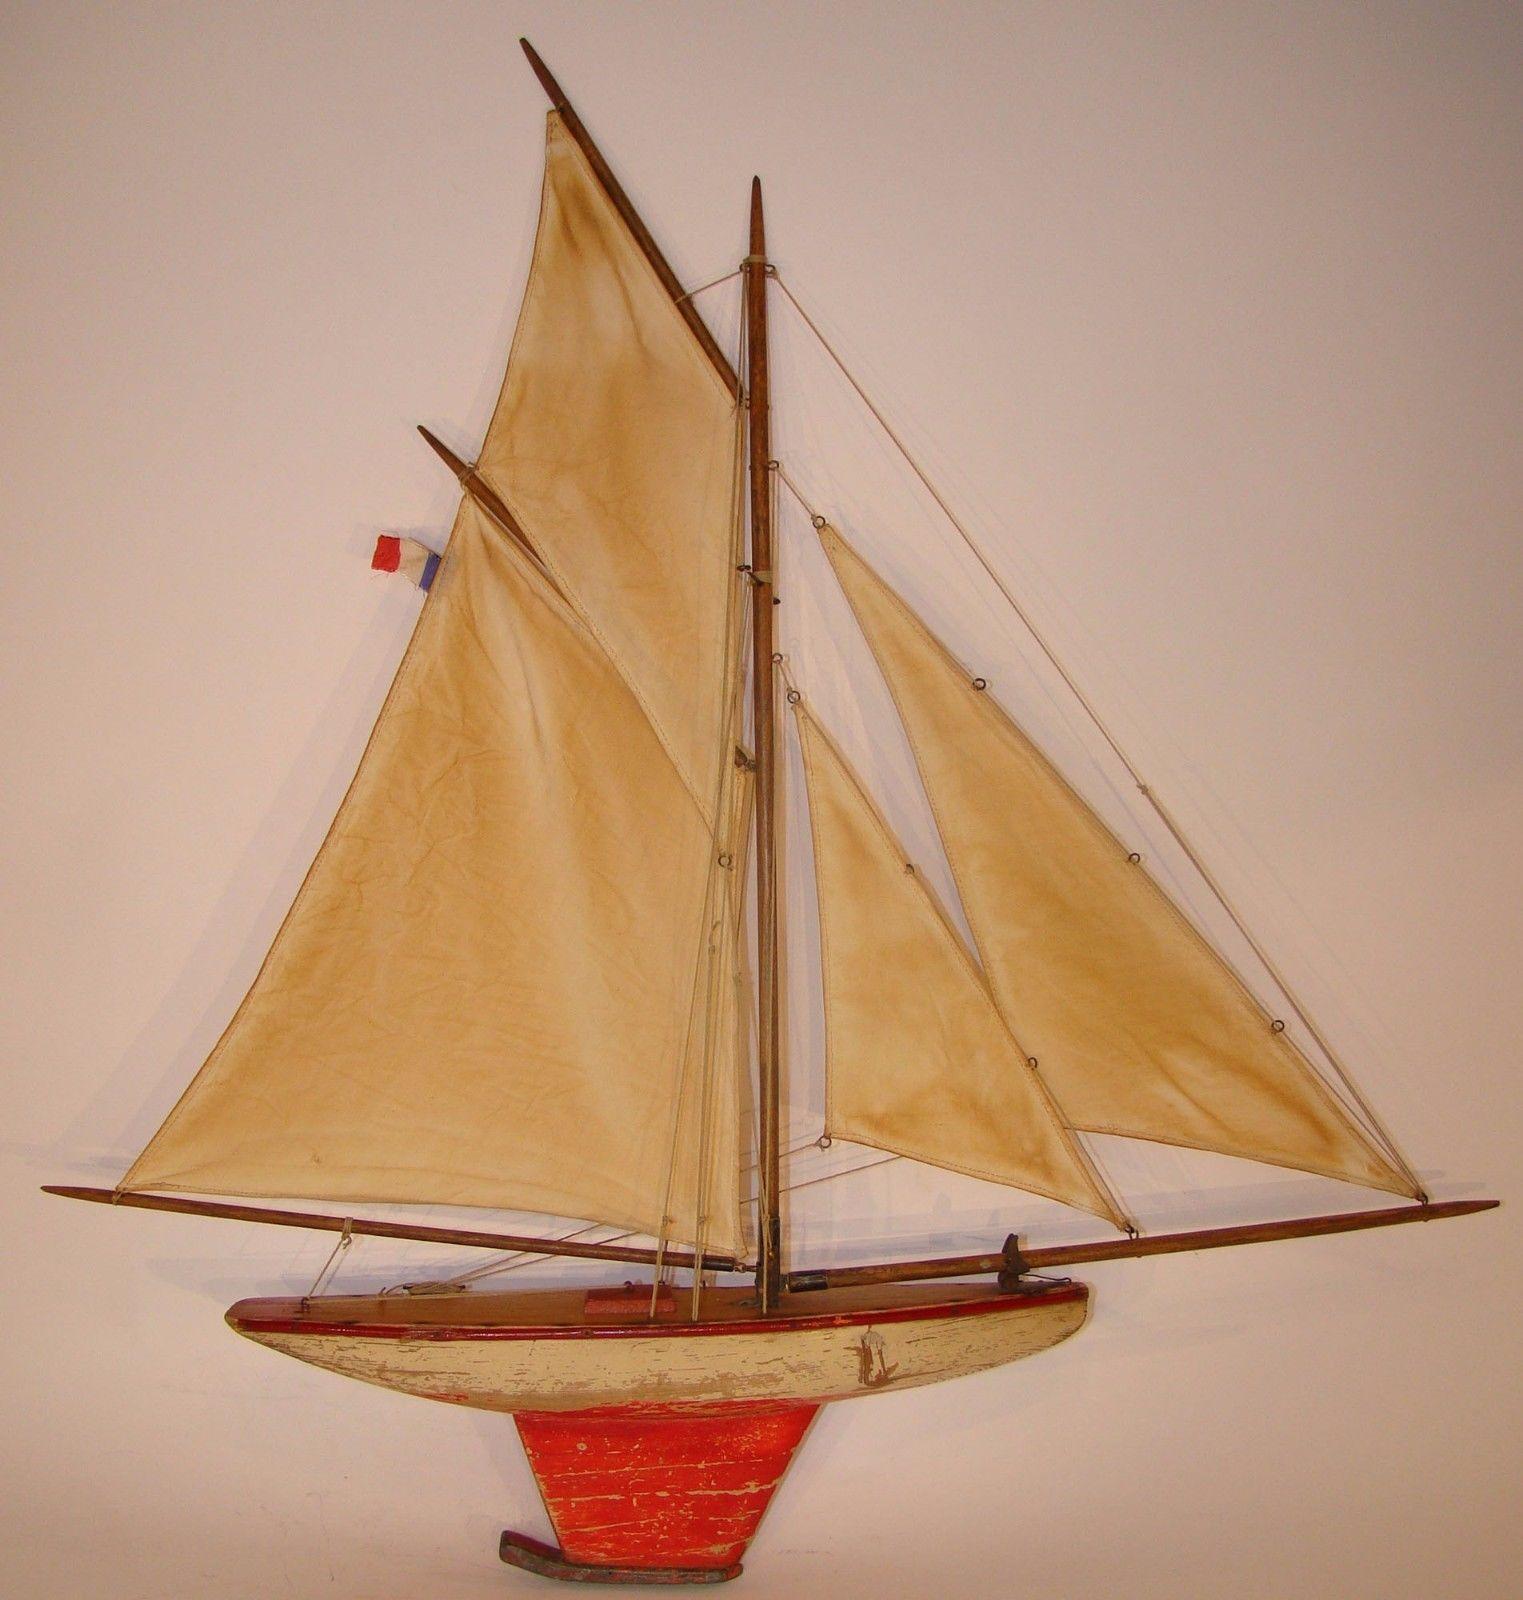 Canot de bassin bateau voilier deffain 4 voiles coque peinte 2 tons 1920 1930 in jouets et jeux - Voilier de bassin ancien nanterre ...